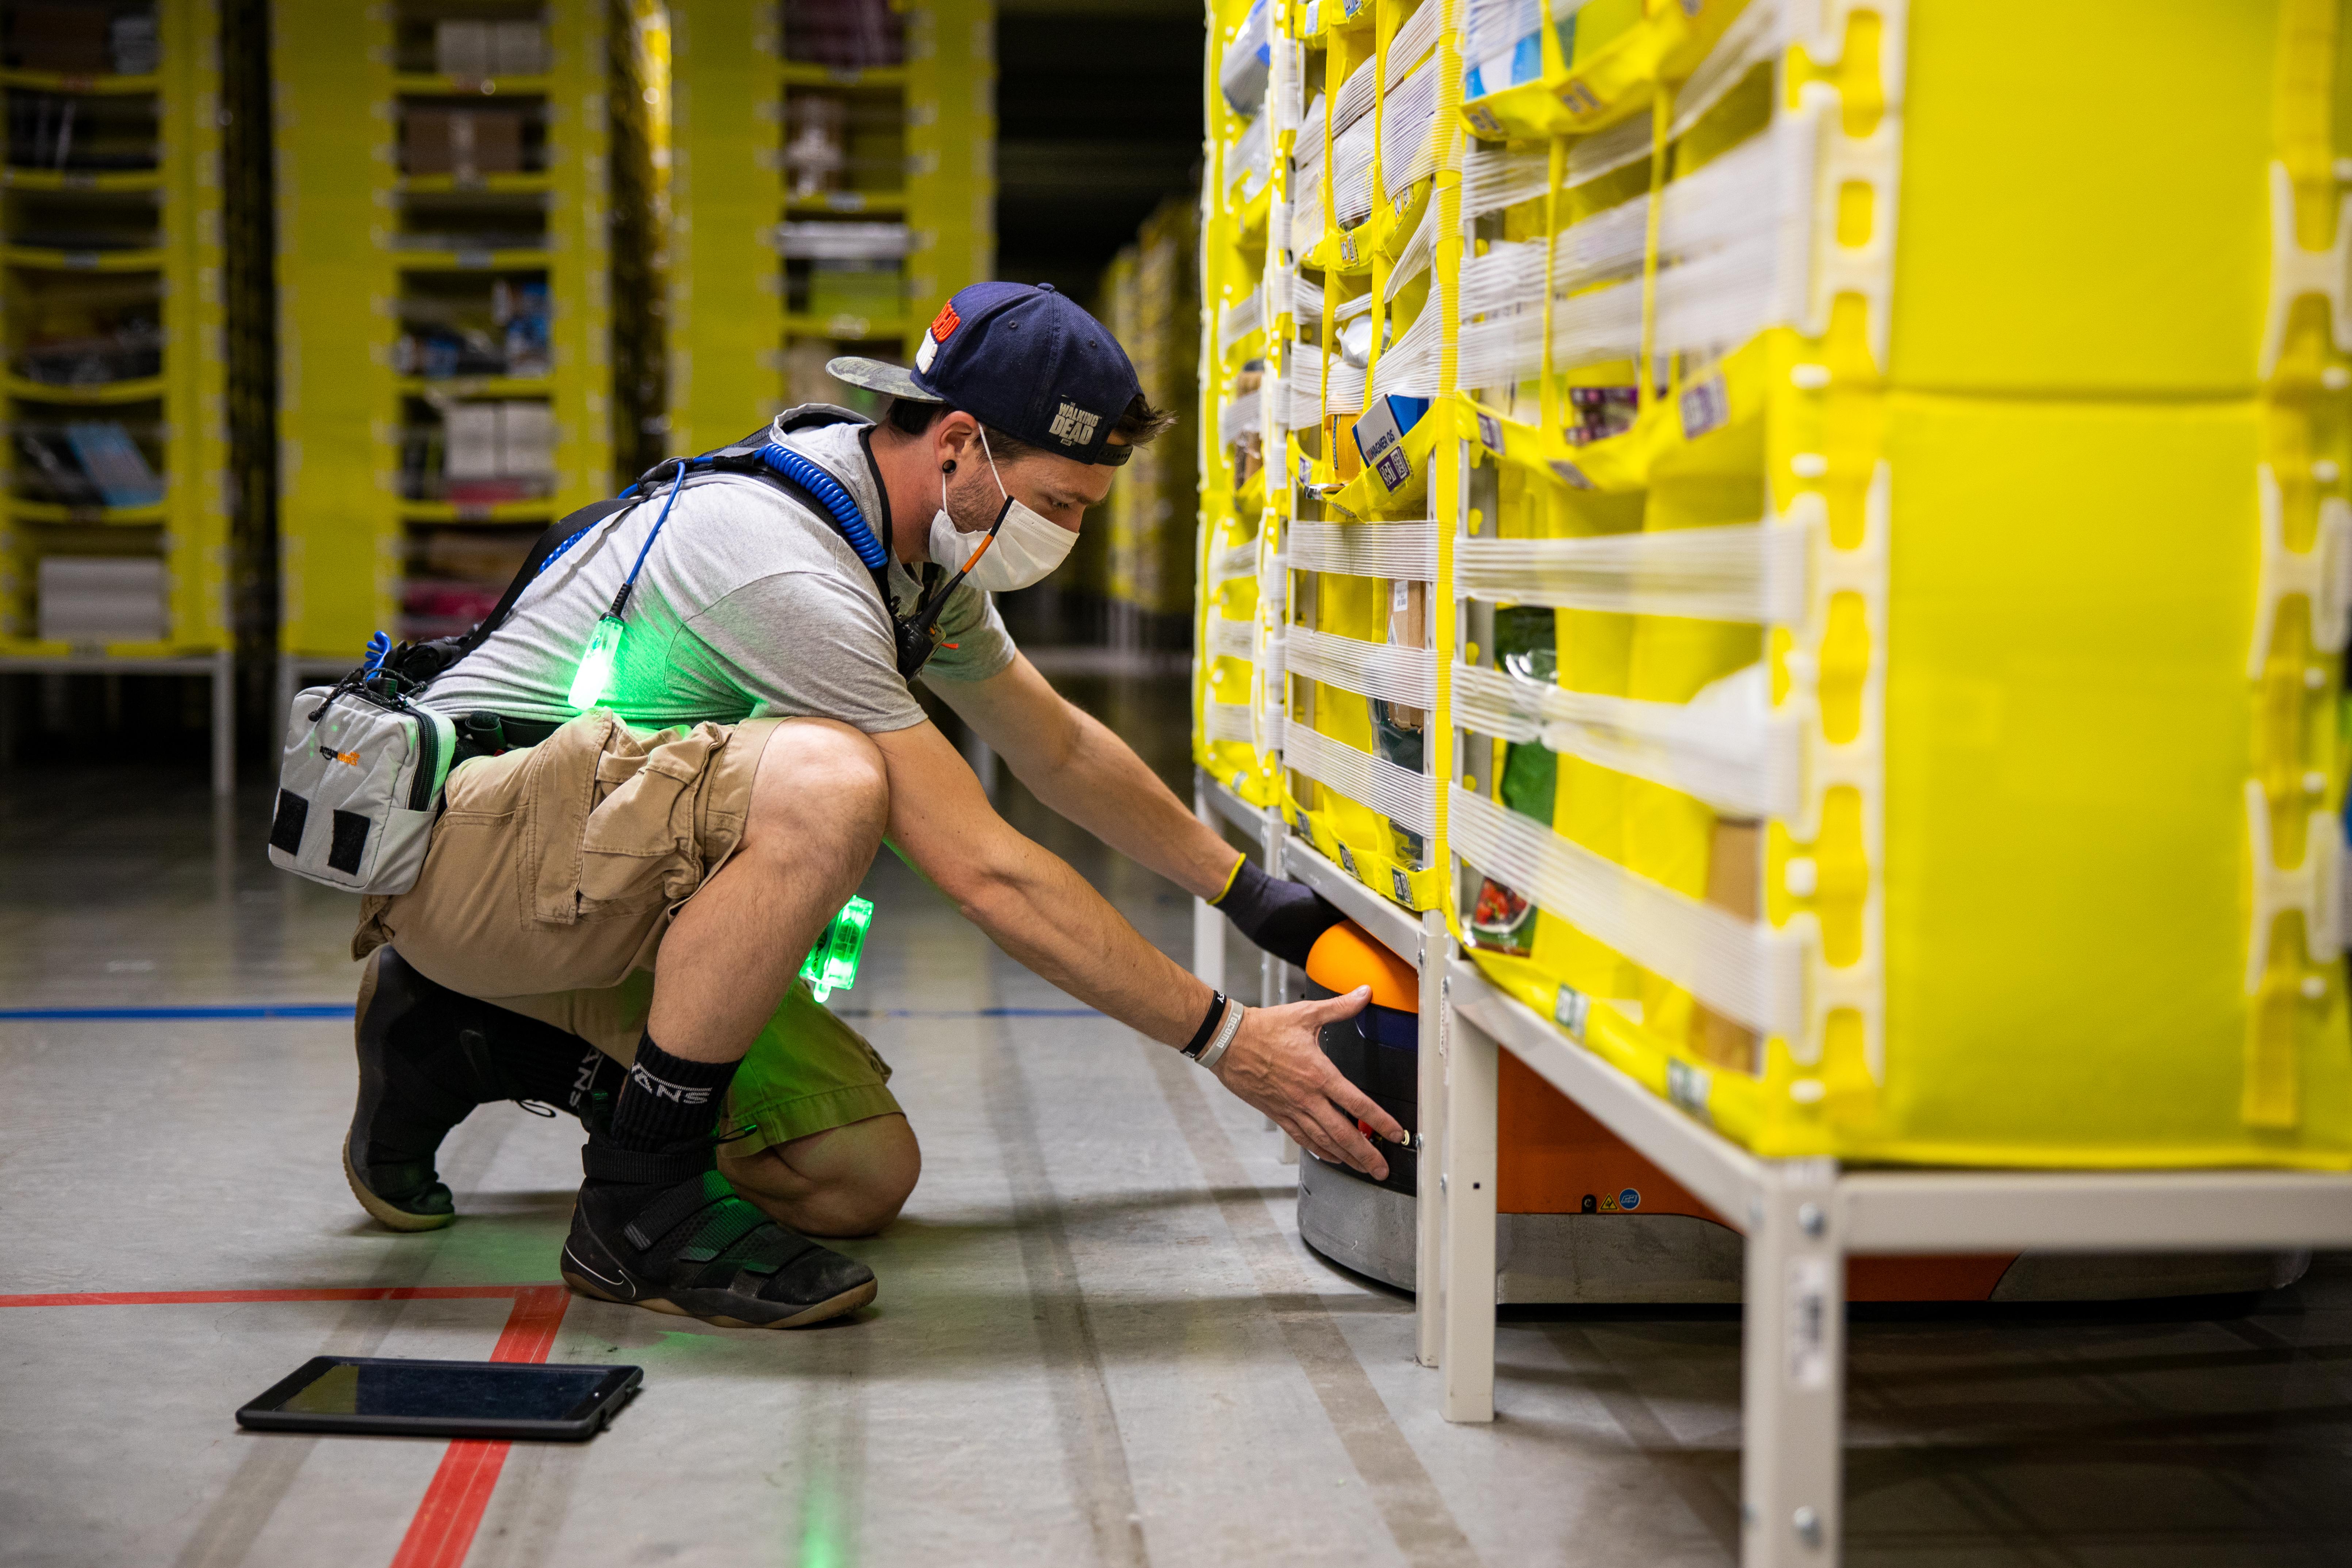 amazon-Associate-wearing-PPE-4.jpg